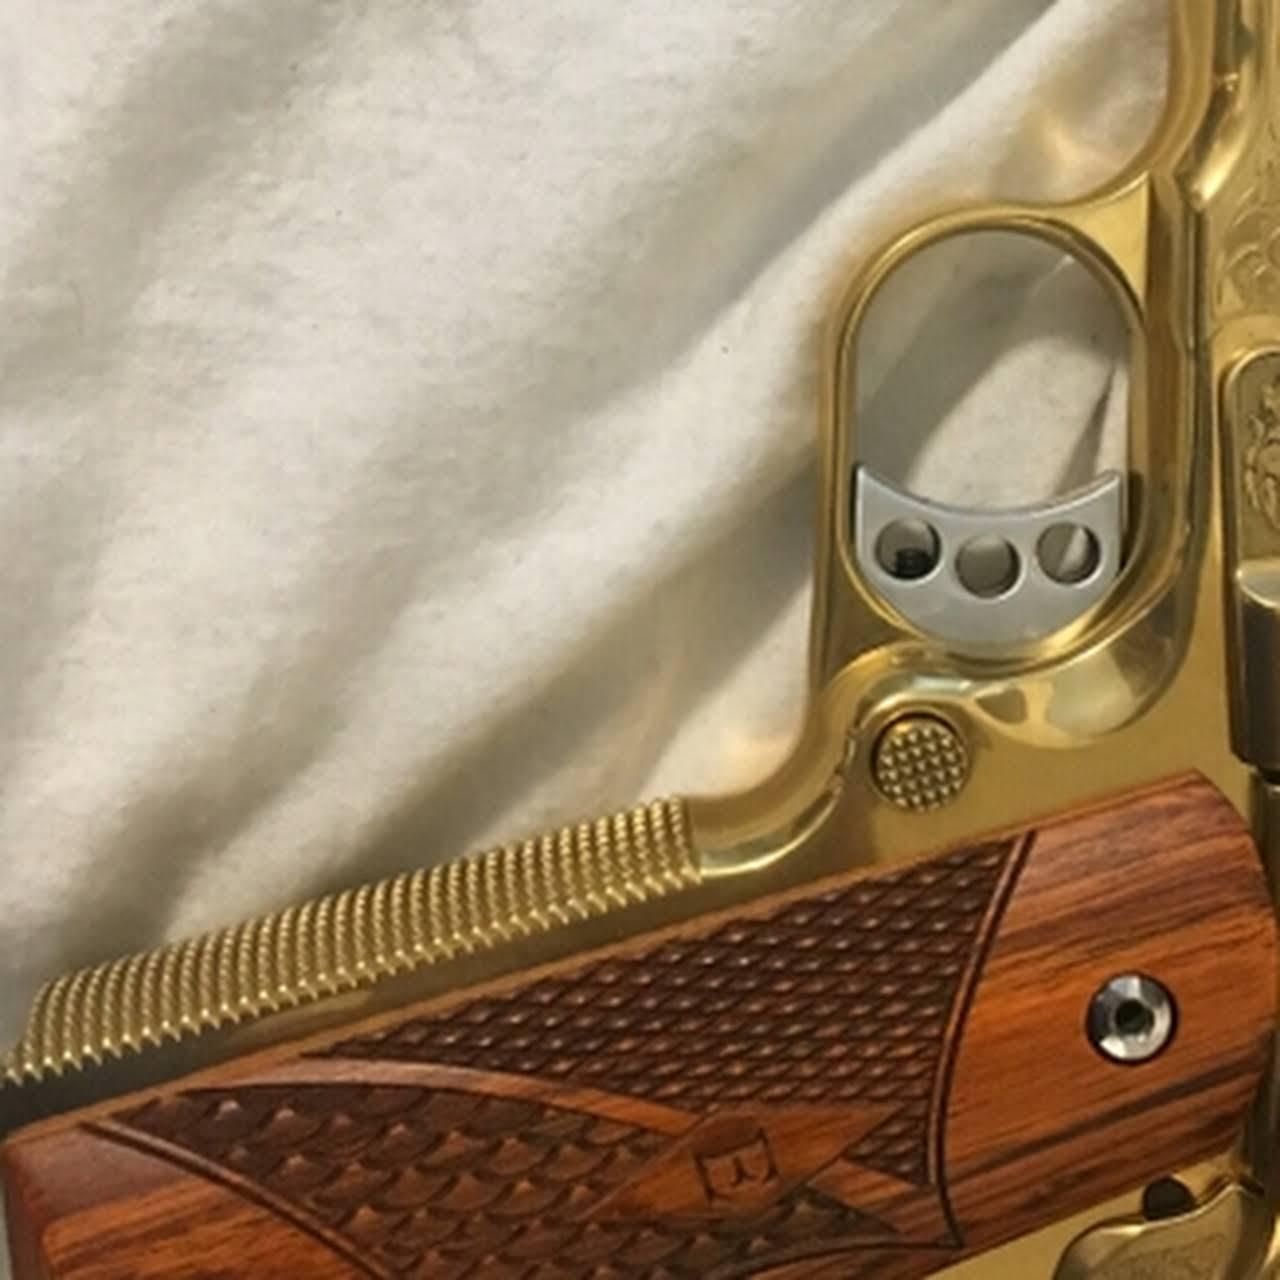 H989-2pcs-Matt Gold Plated